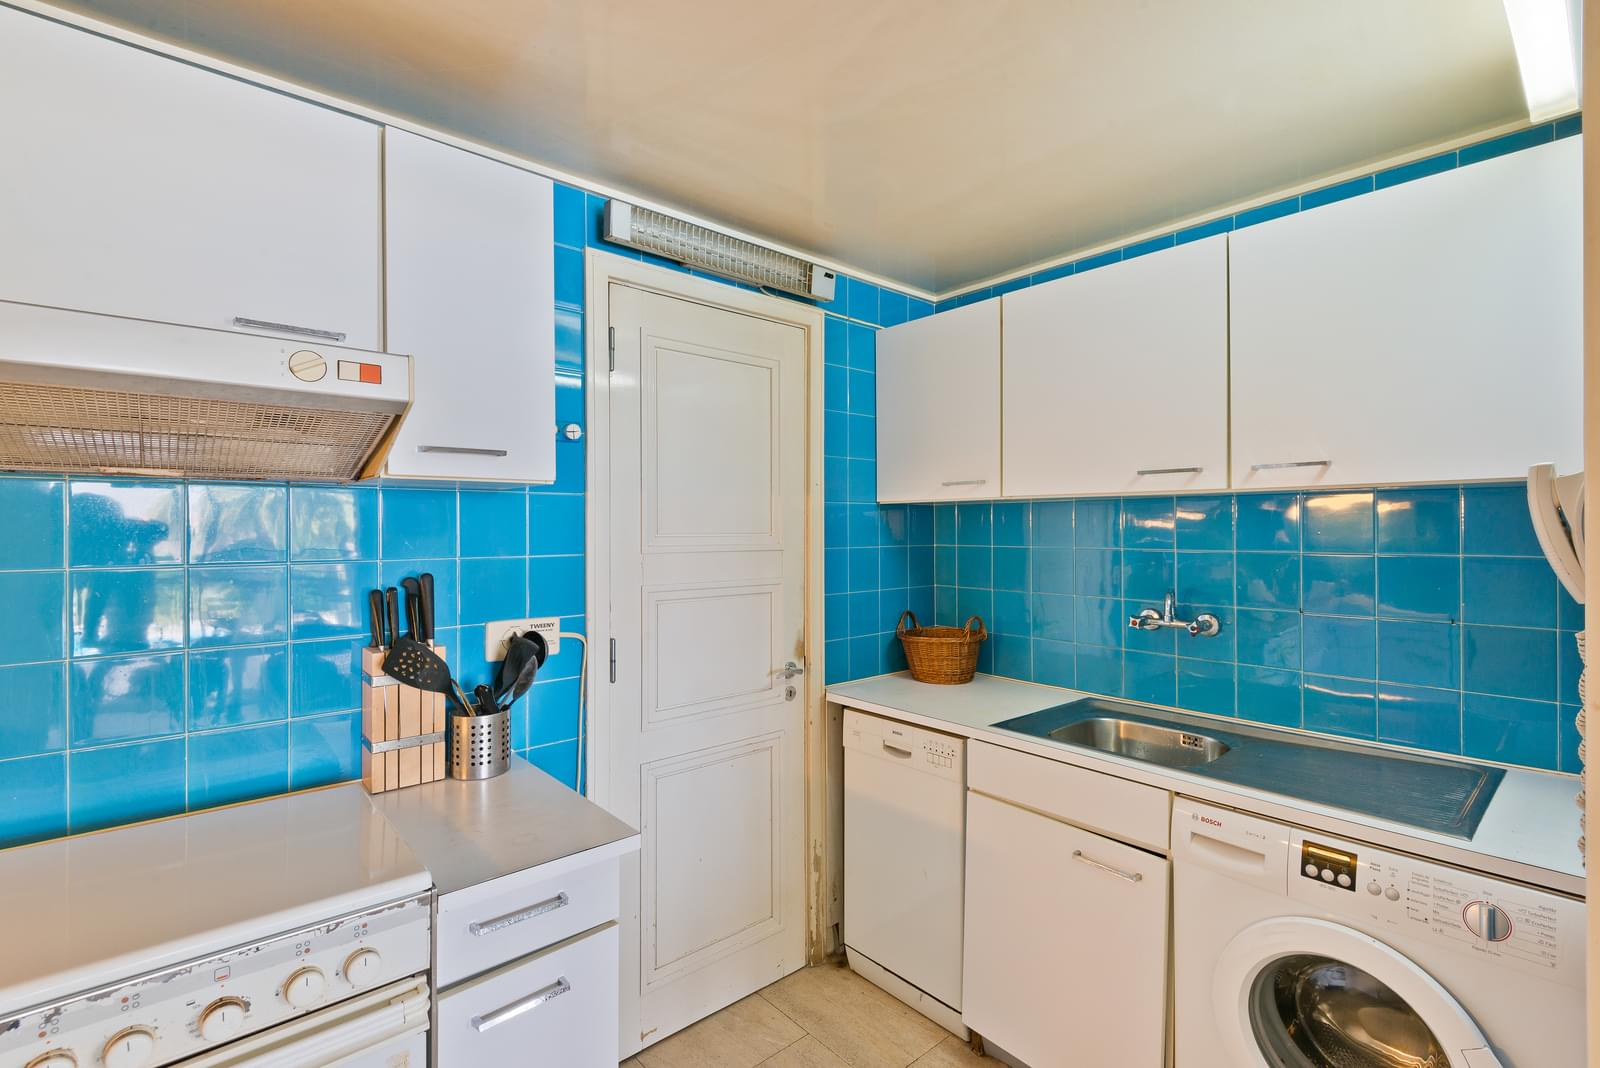 pf17830-apartamento-t2-cascais-2d62946b-2fcf-4e05-aae8-34fd61095919